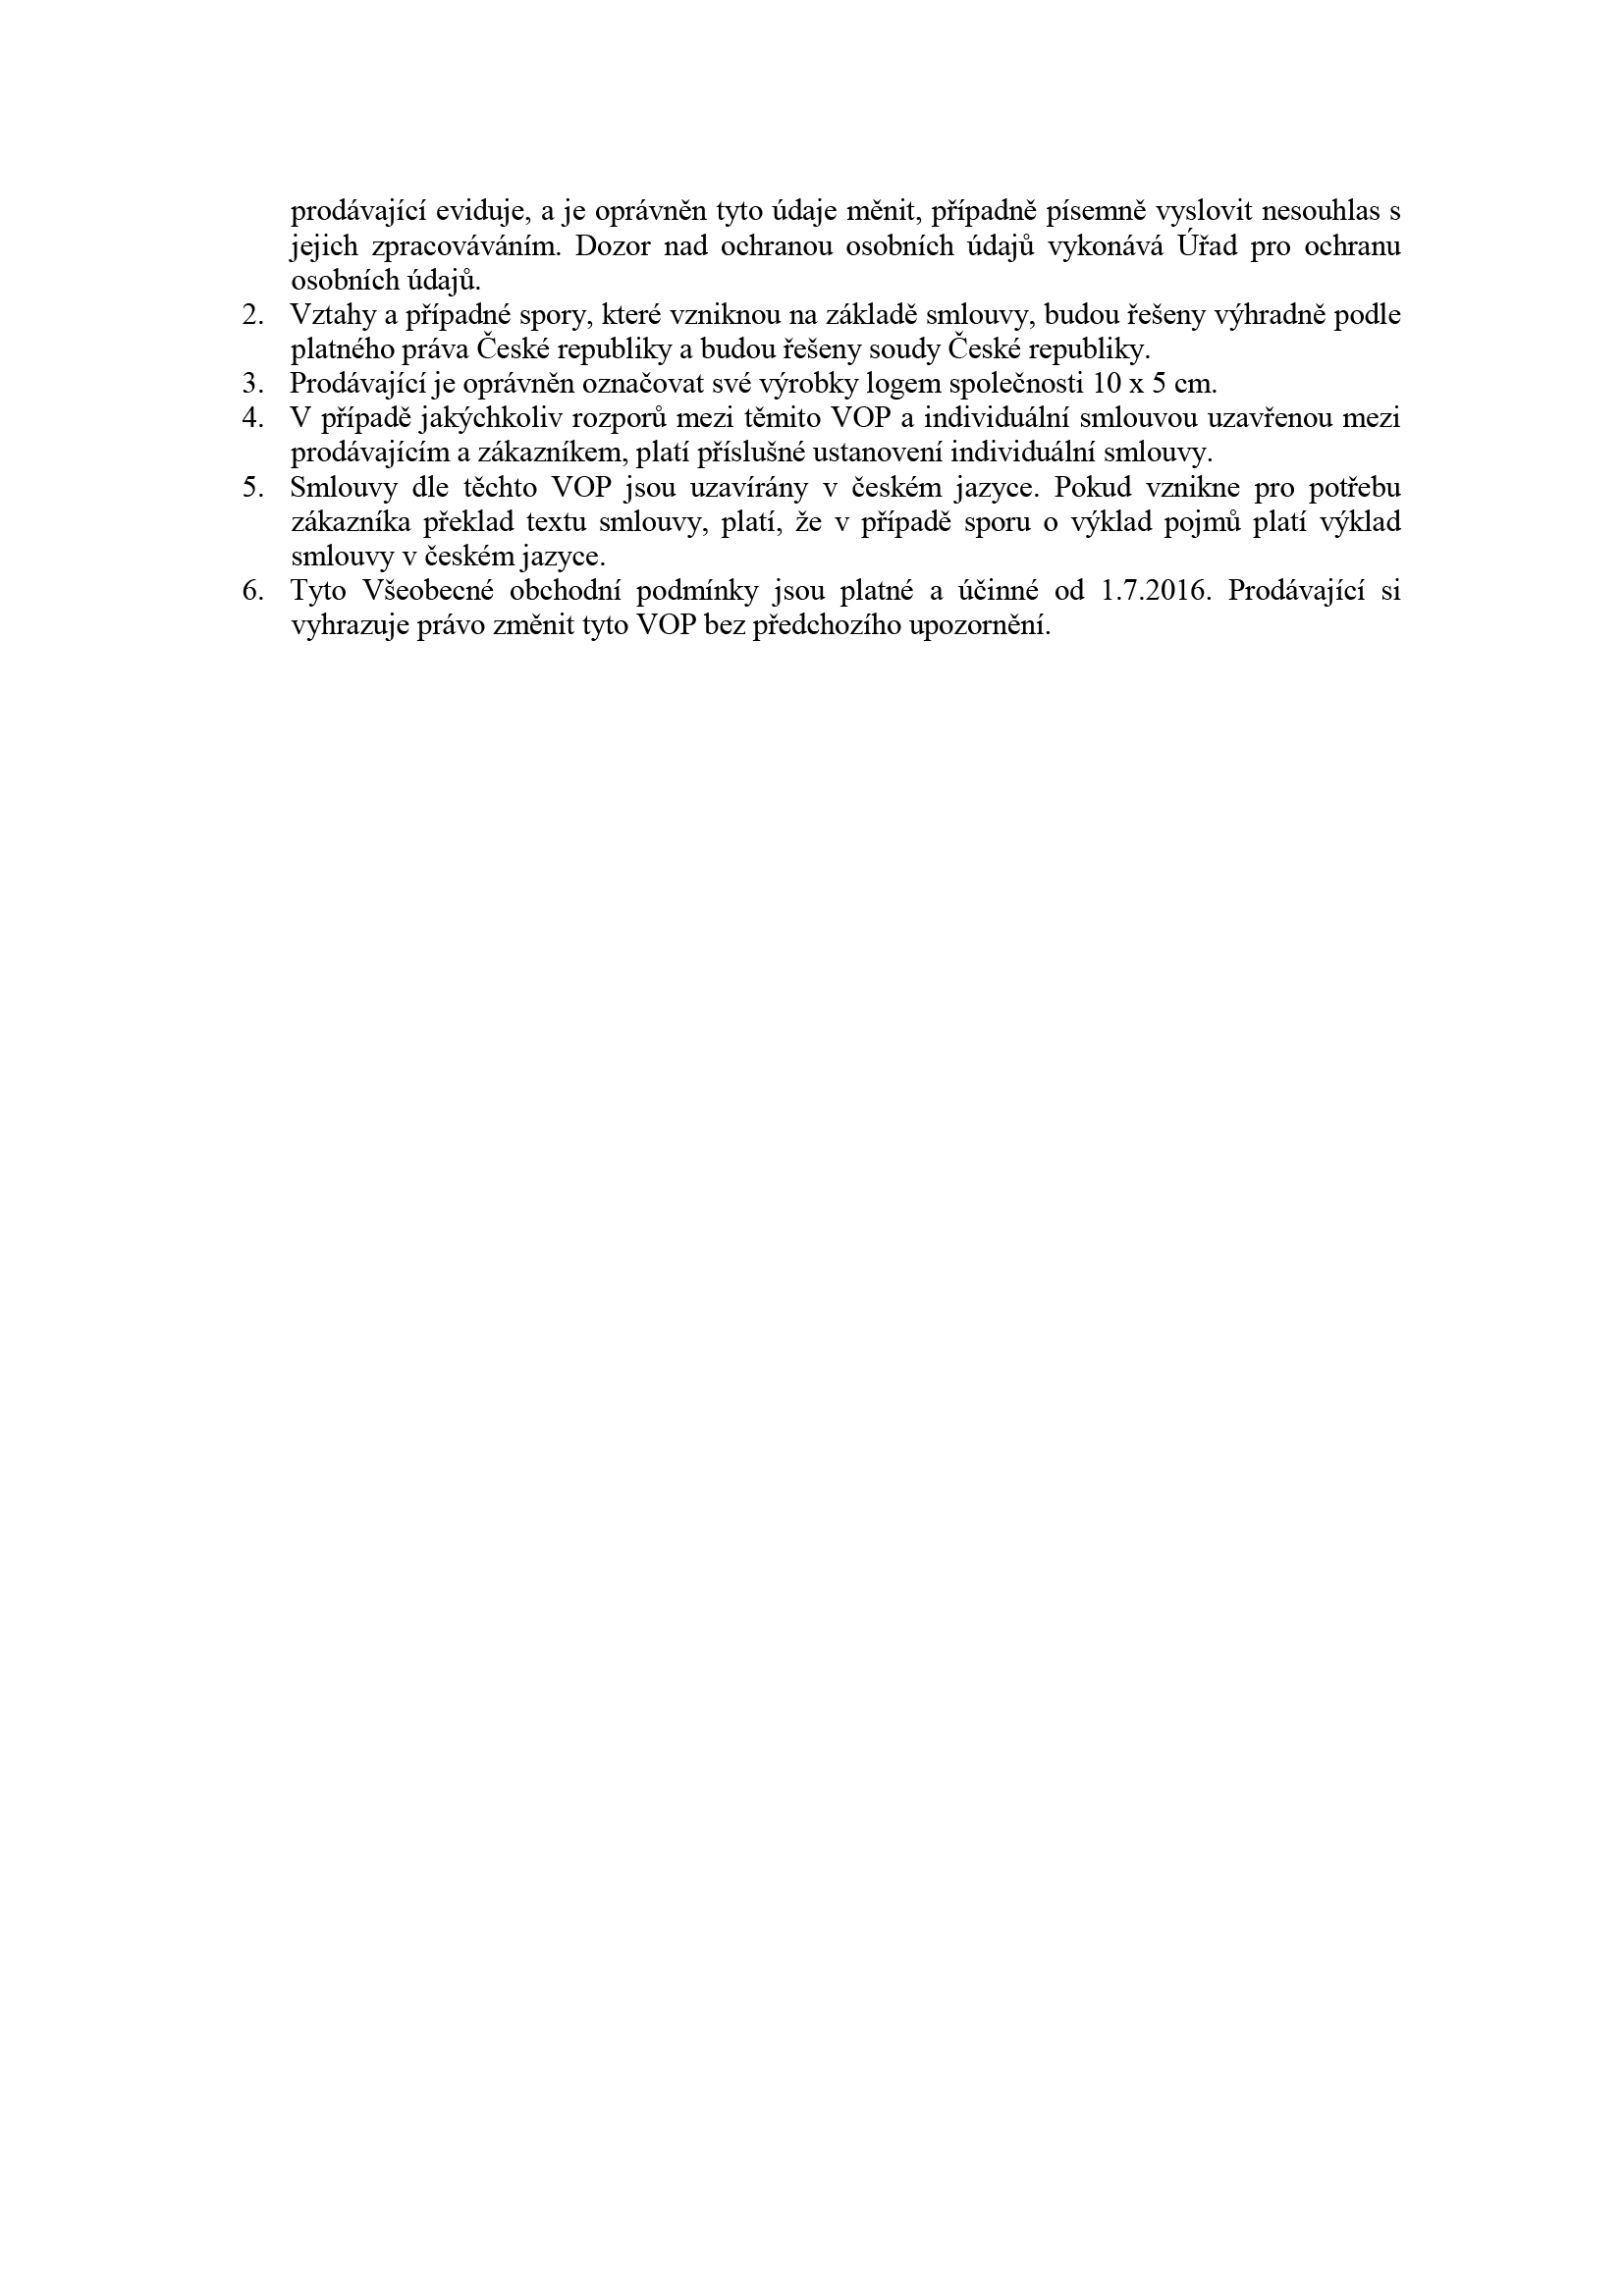 Všeobecné obchodní podmínky-7.jpg